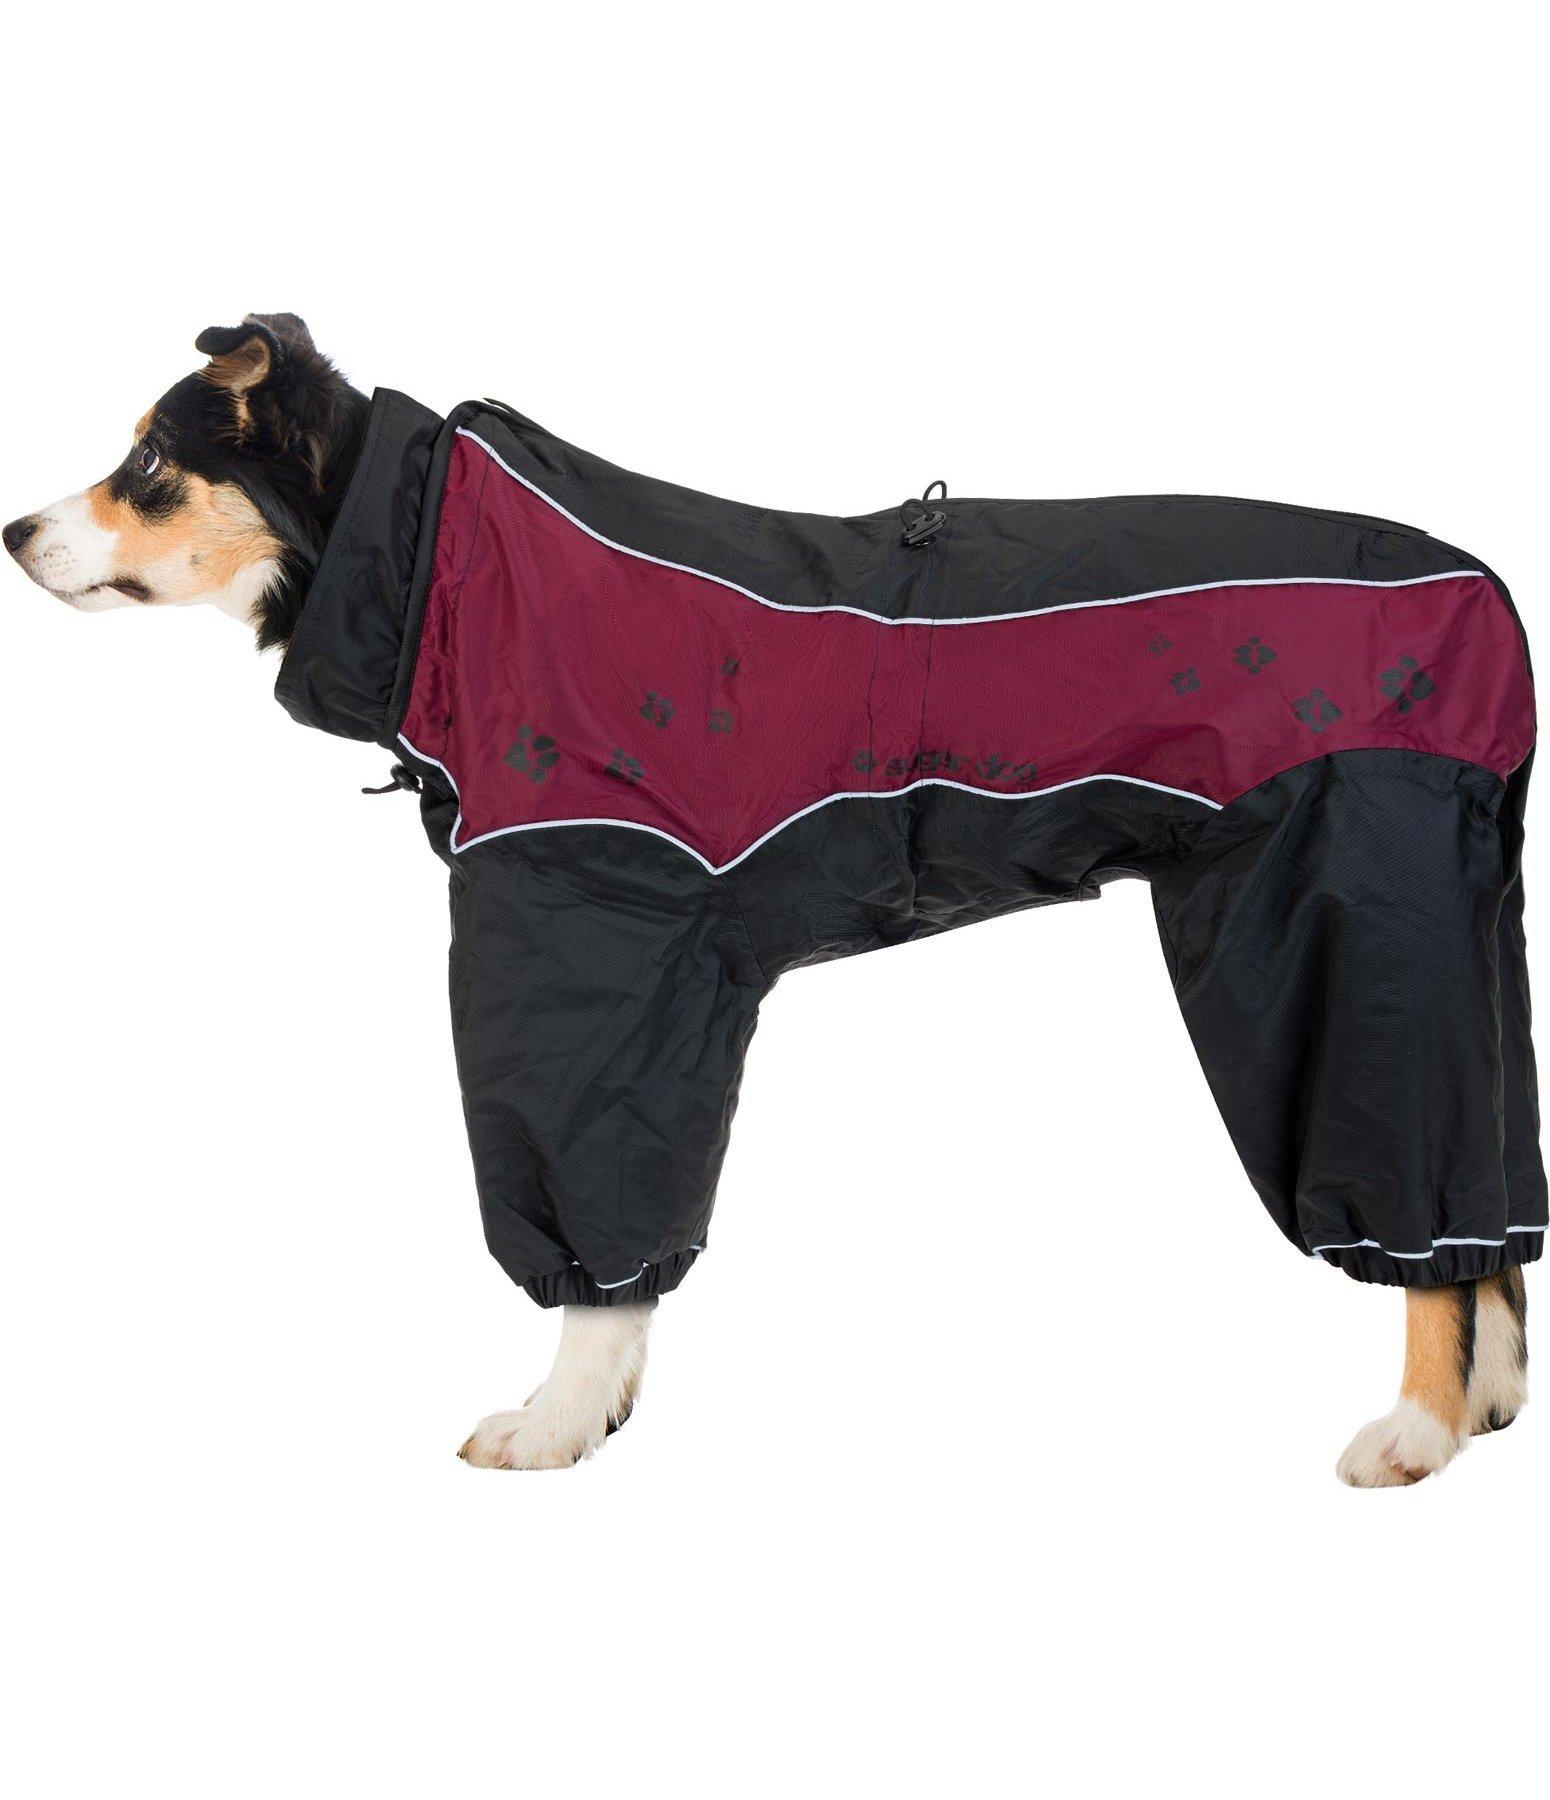 Xxl Dog Coats Uk